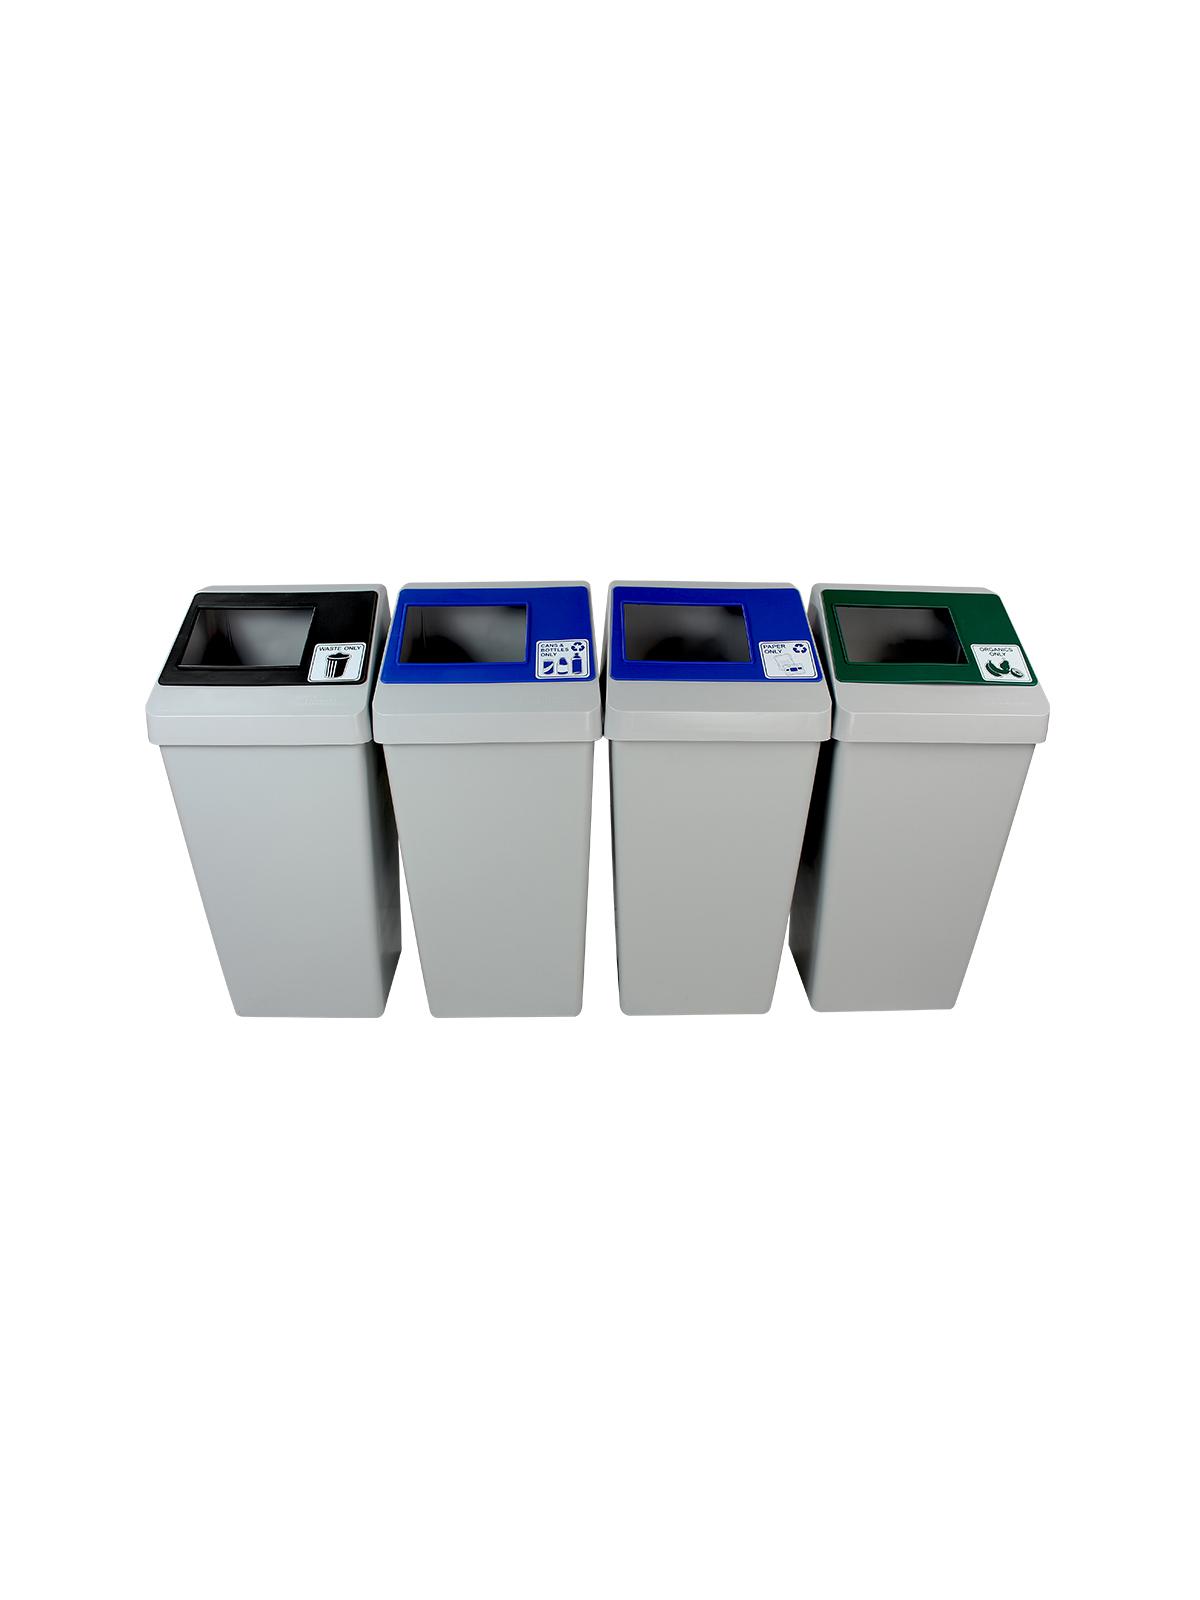 SMART SORT - Quad - Cans & Bottles-Paper-Organics-Waste - Full - Grey-Blue-Blue-Green-Black title=